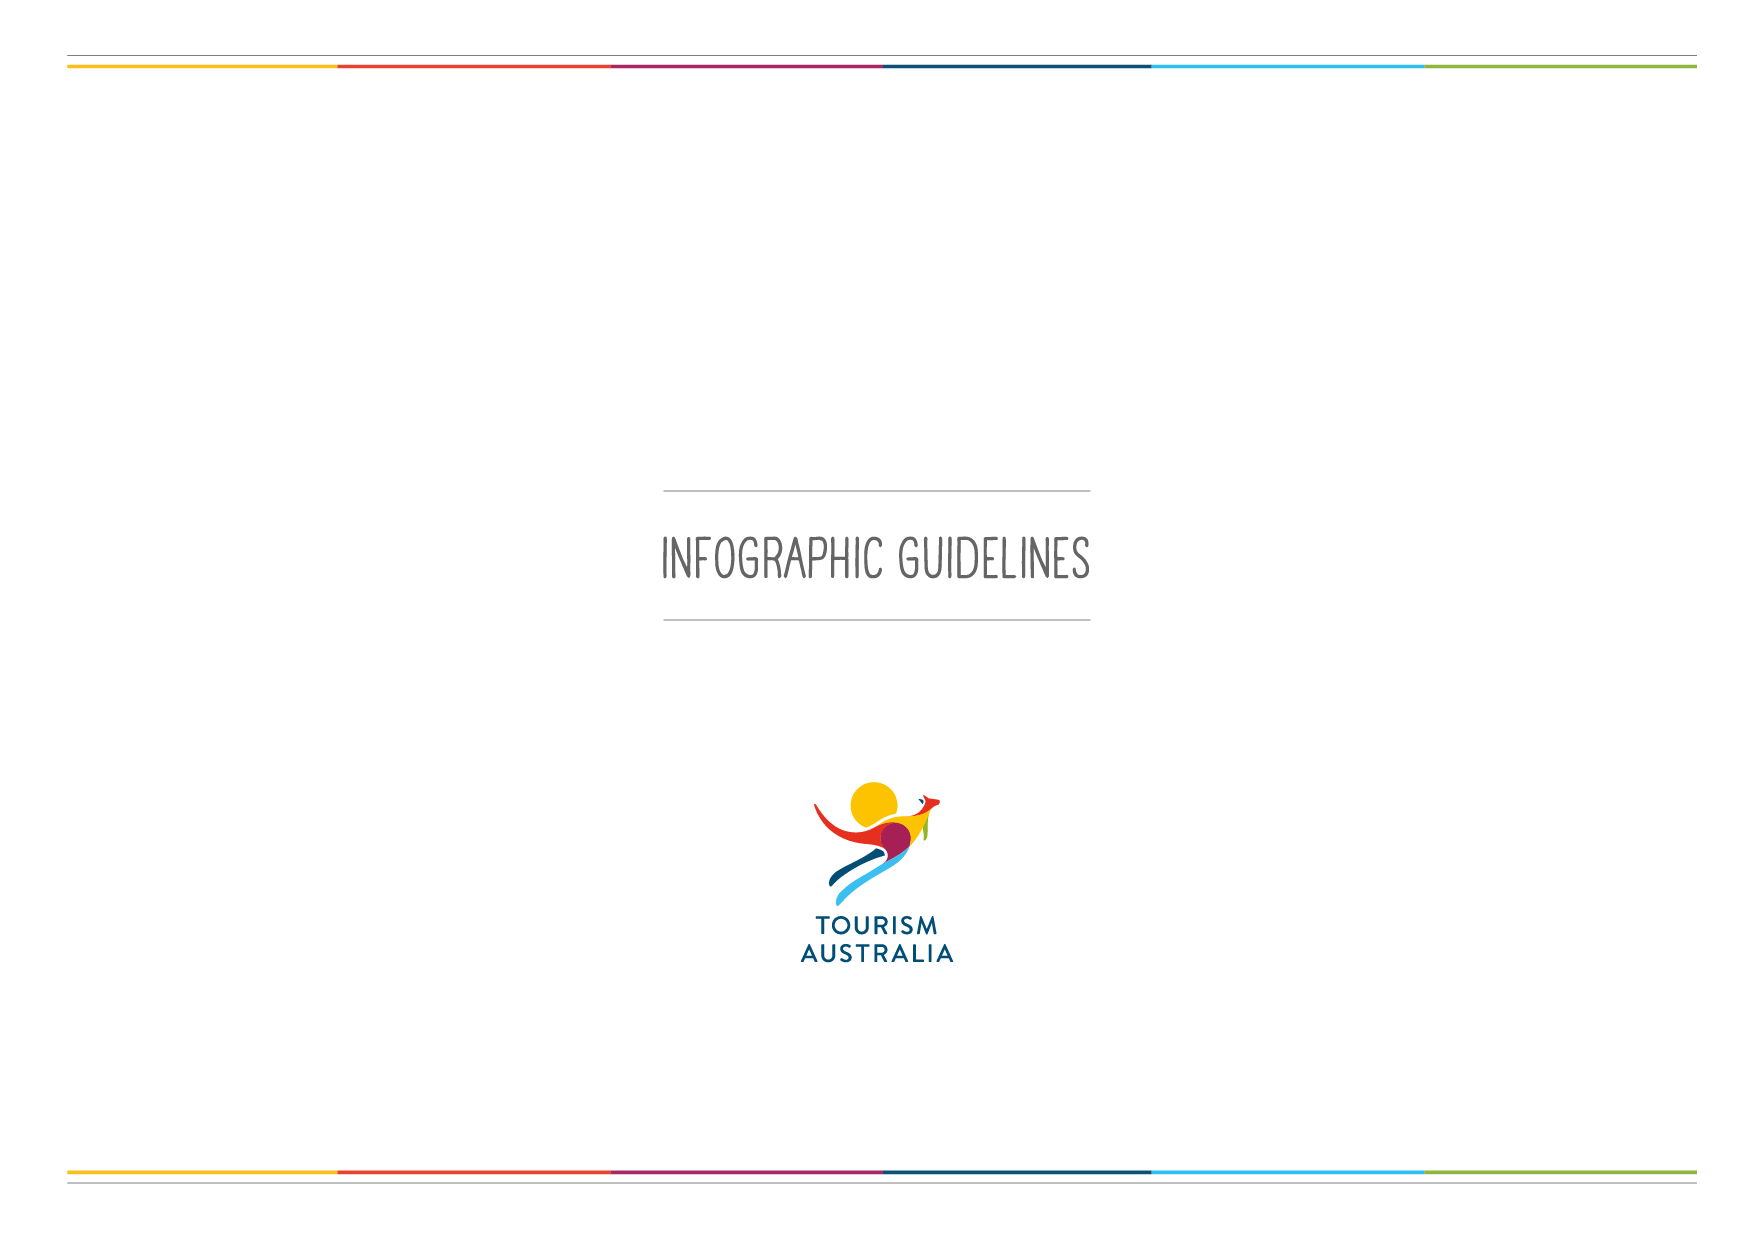 TA_guidelines_infog_V1-01.png